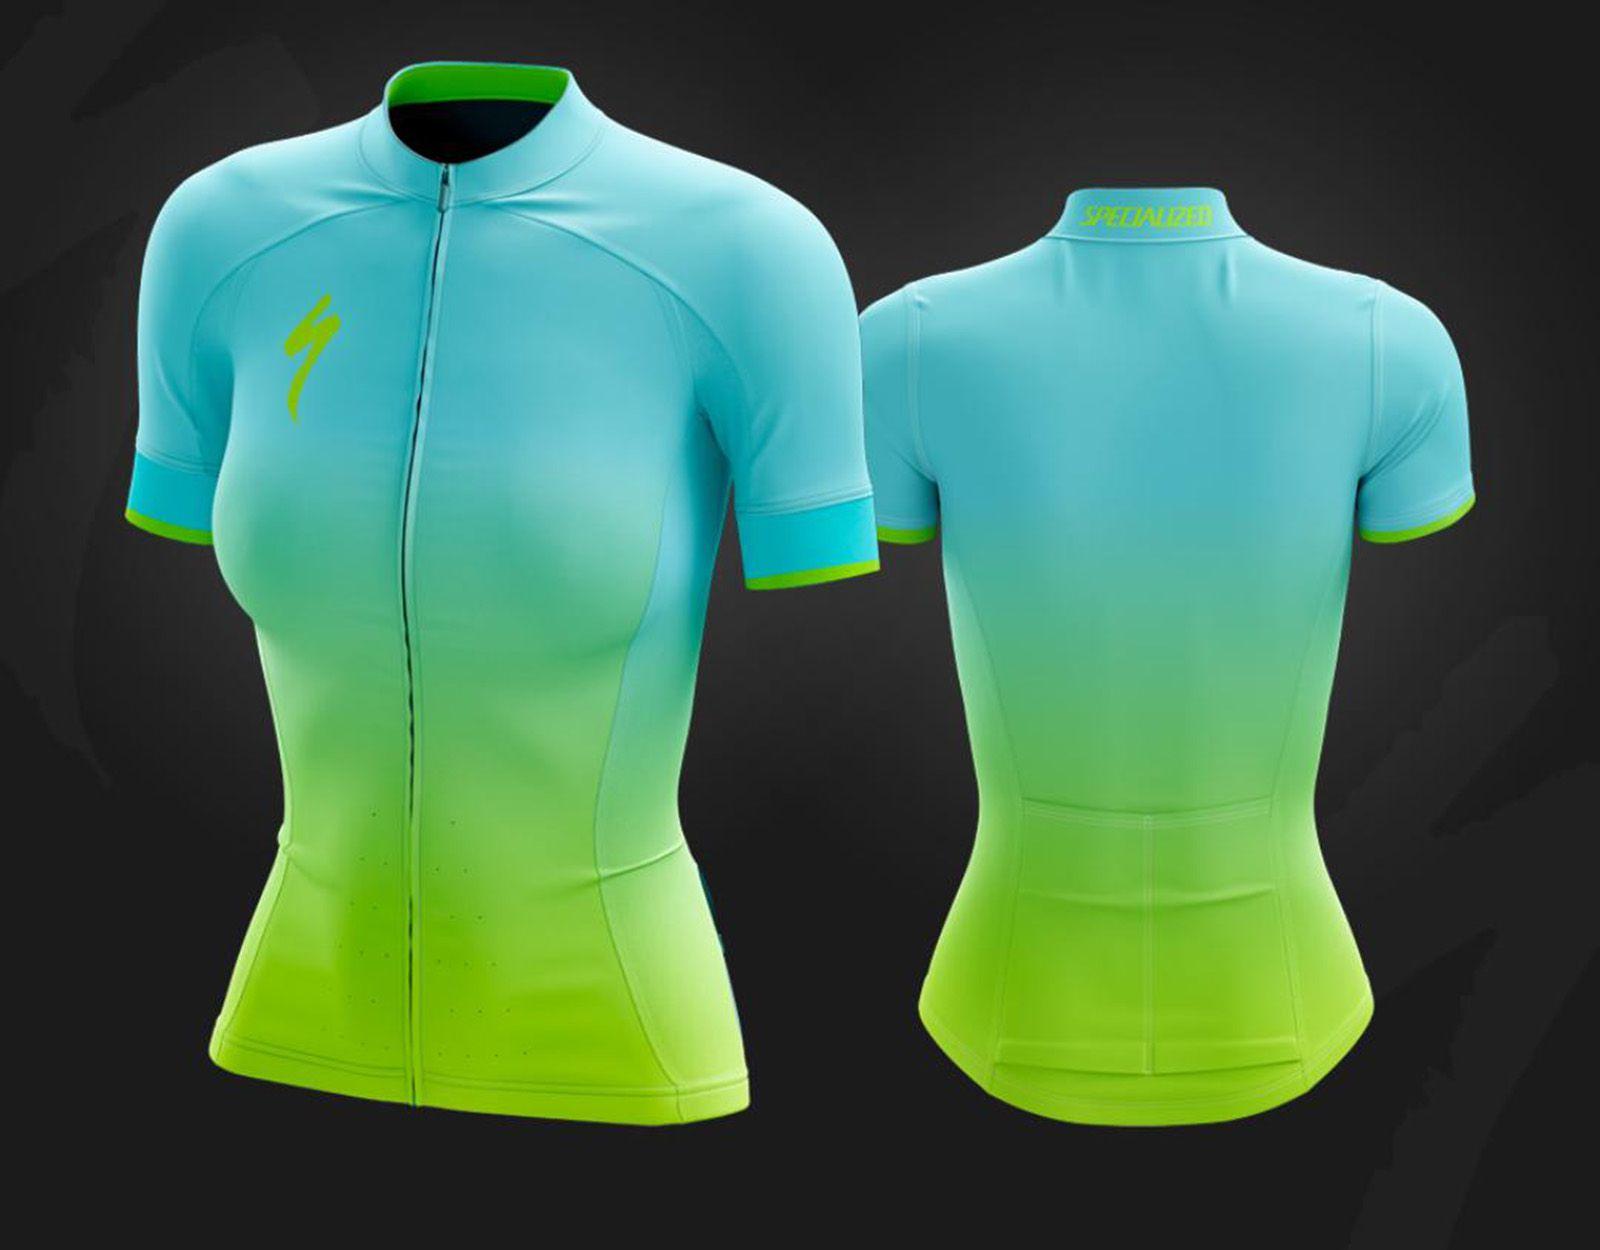 Camisa Ciclismo Feminina c/ Proteção UV e Refletivo - Refactor